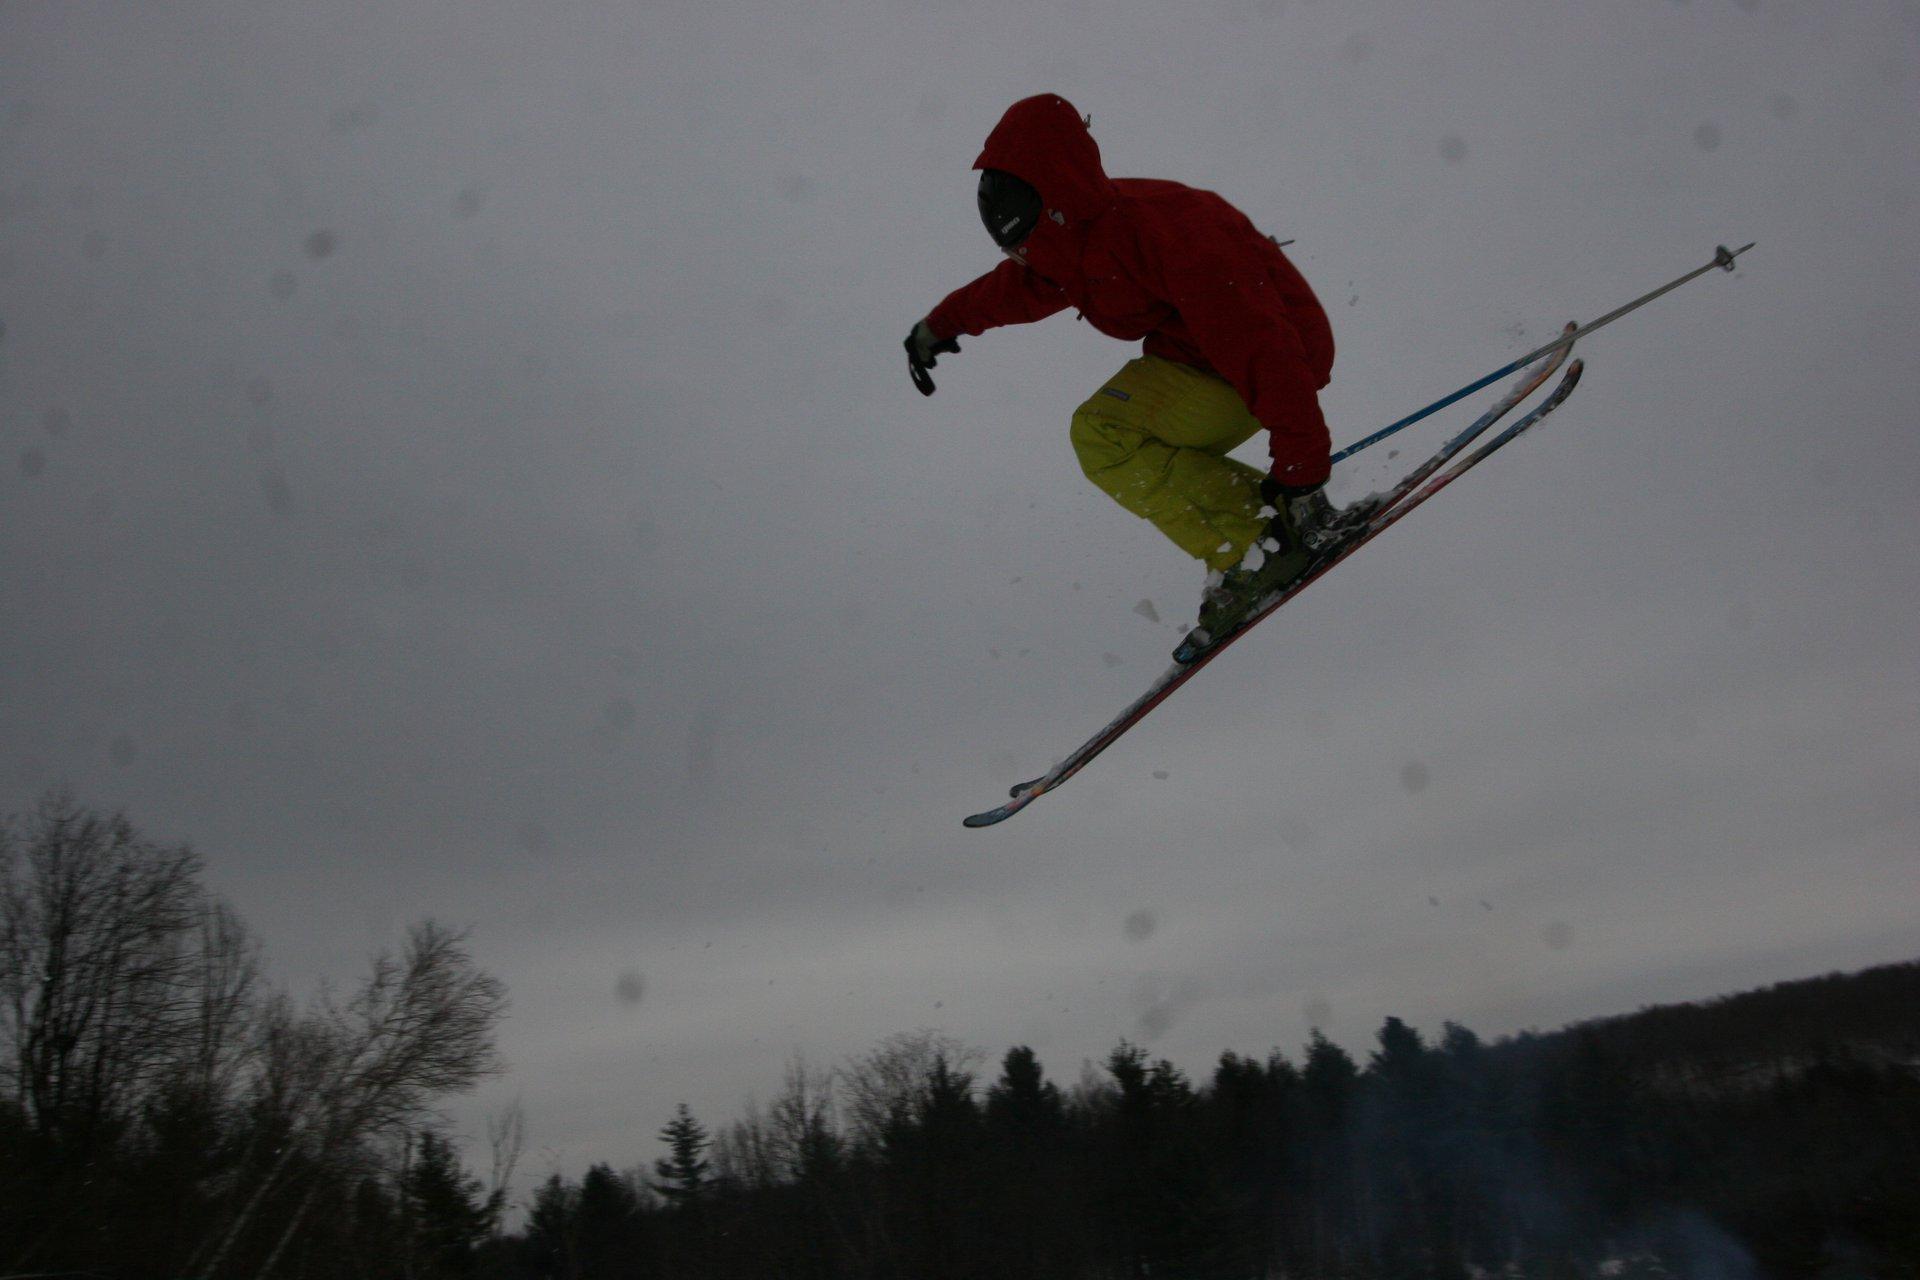 3 on a backcountry jump